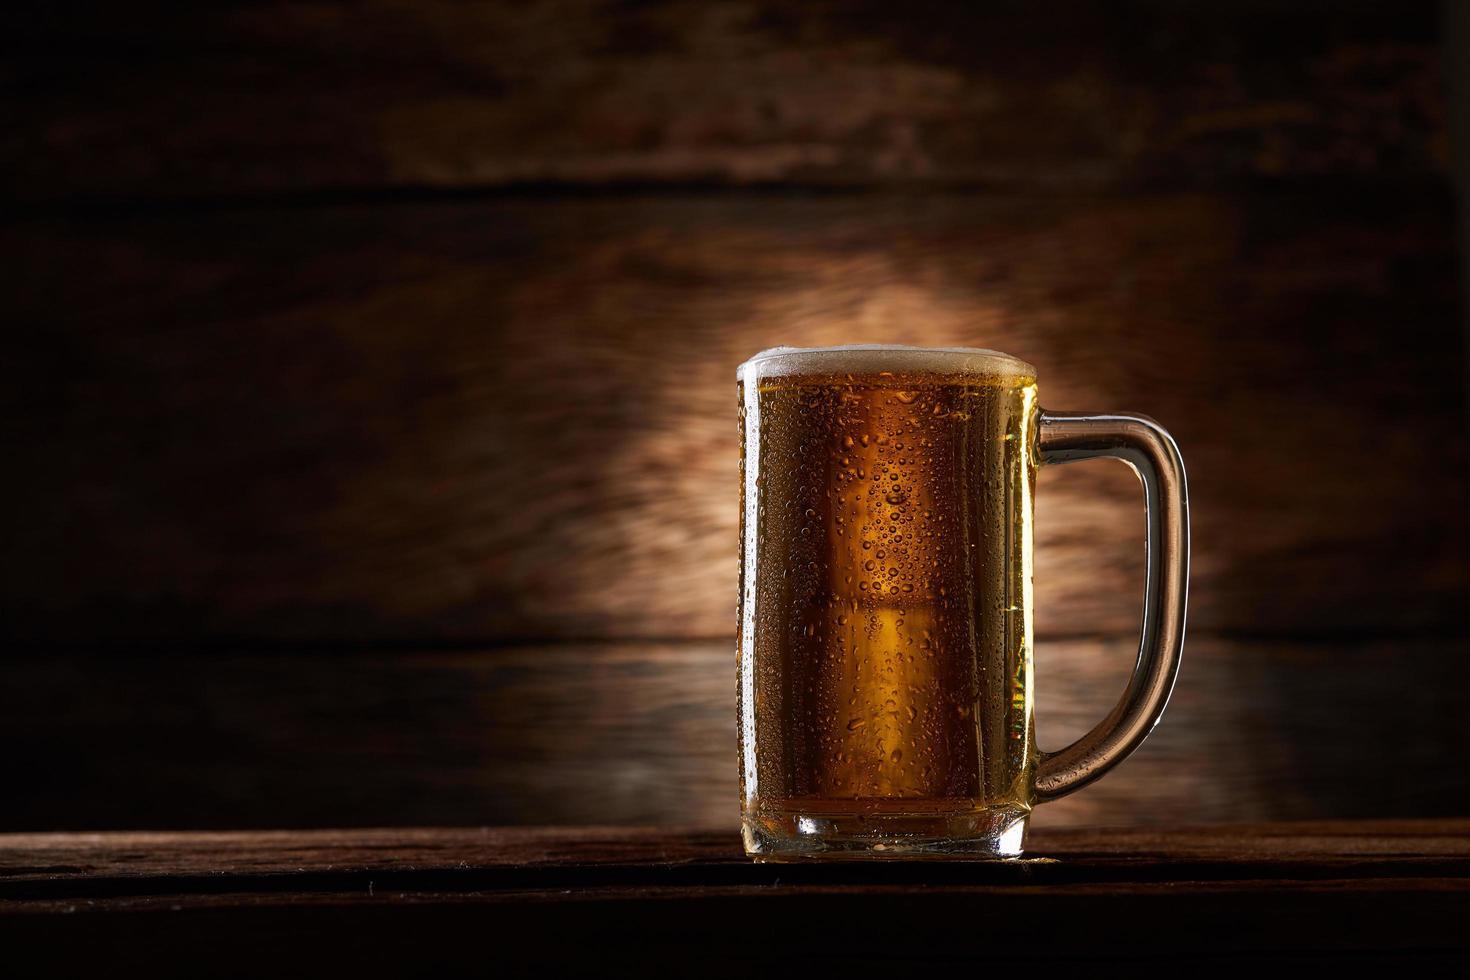 vaso de cerveza en madera foto